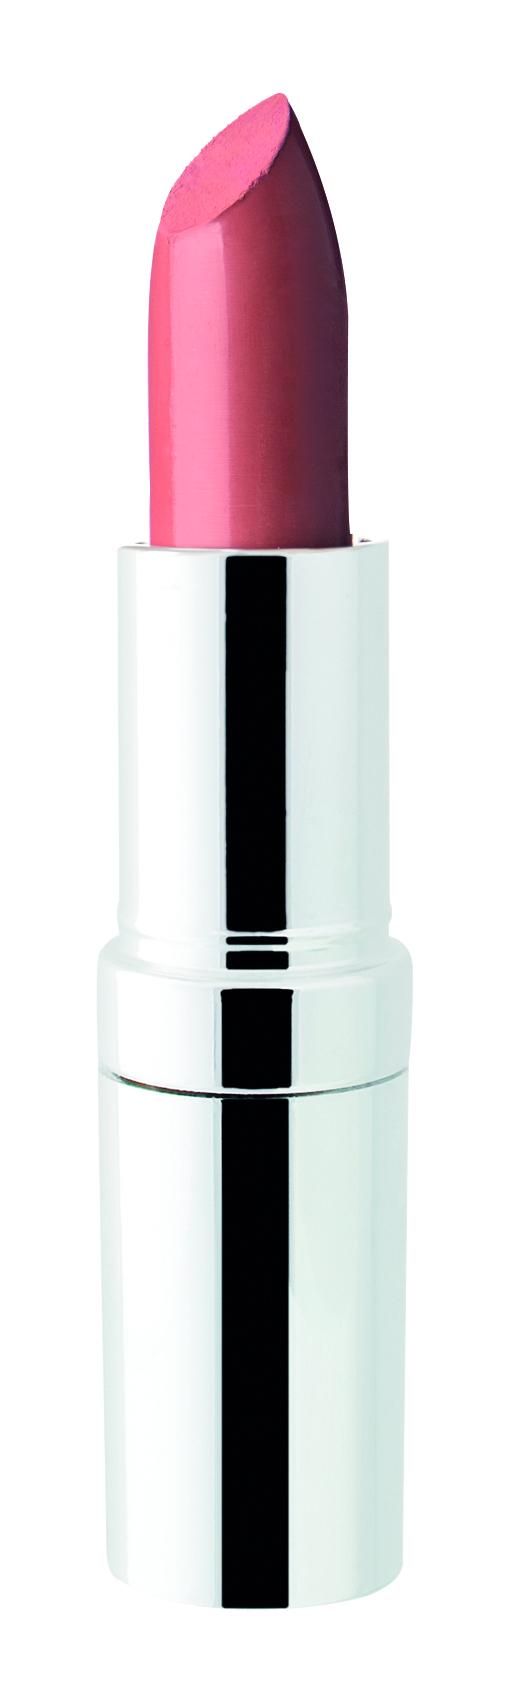 SEVENTEEN Помада губная устойчивая матовая SPF 15, 46 красное дерево крайола / Matte Lasting Lipstick 5 г